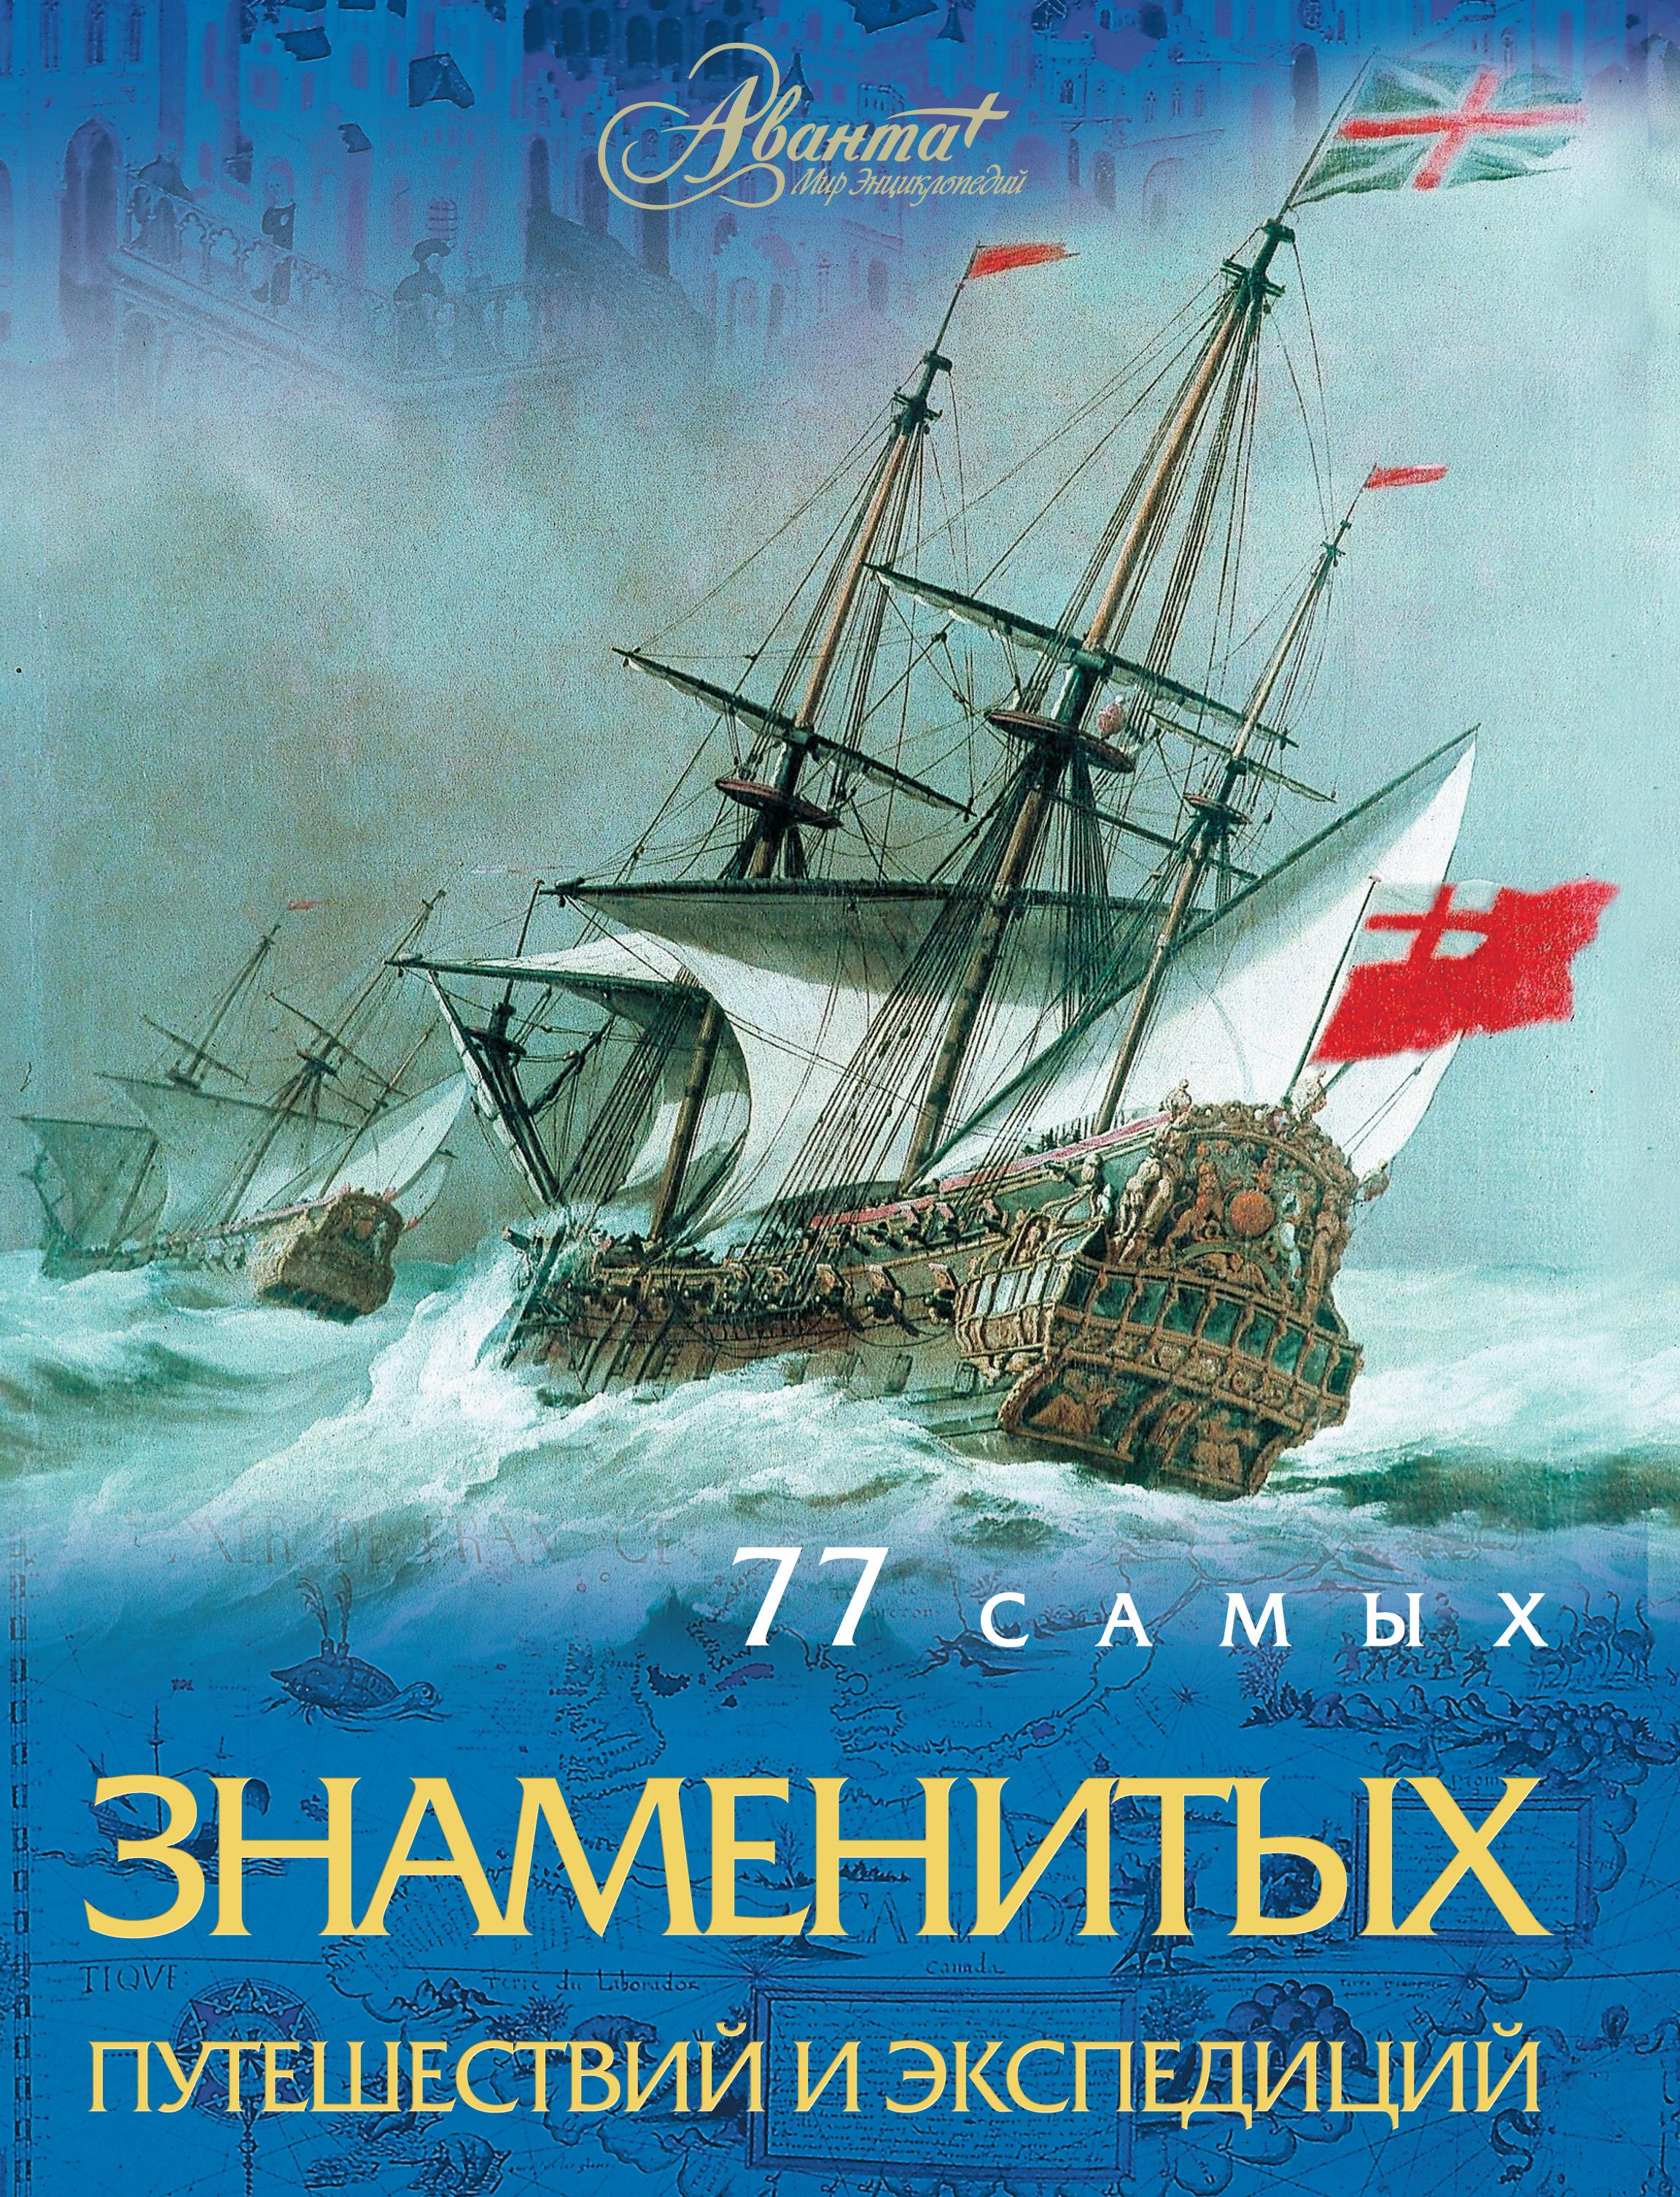 Андрей Шемарин 77 самых знаменитых путешествий и экспедиций шемарин а г 77 самых известных путешествий и экспедиций